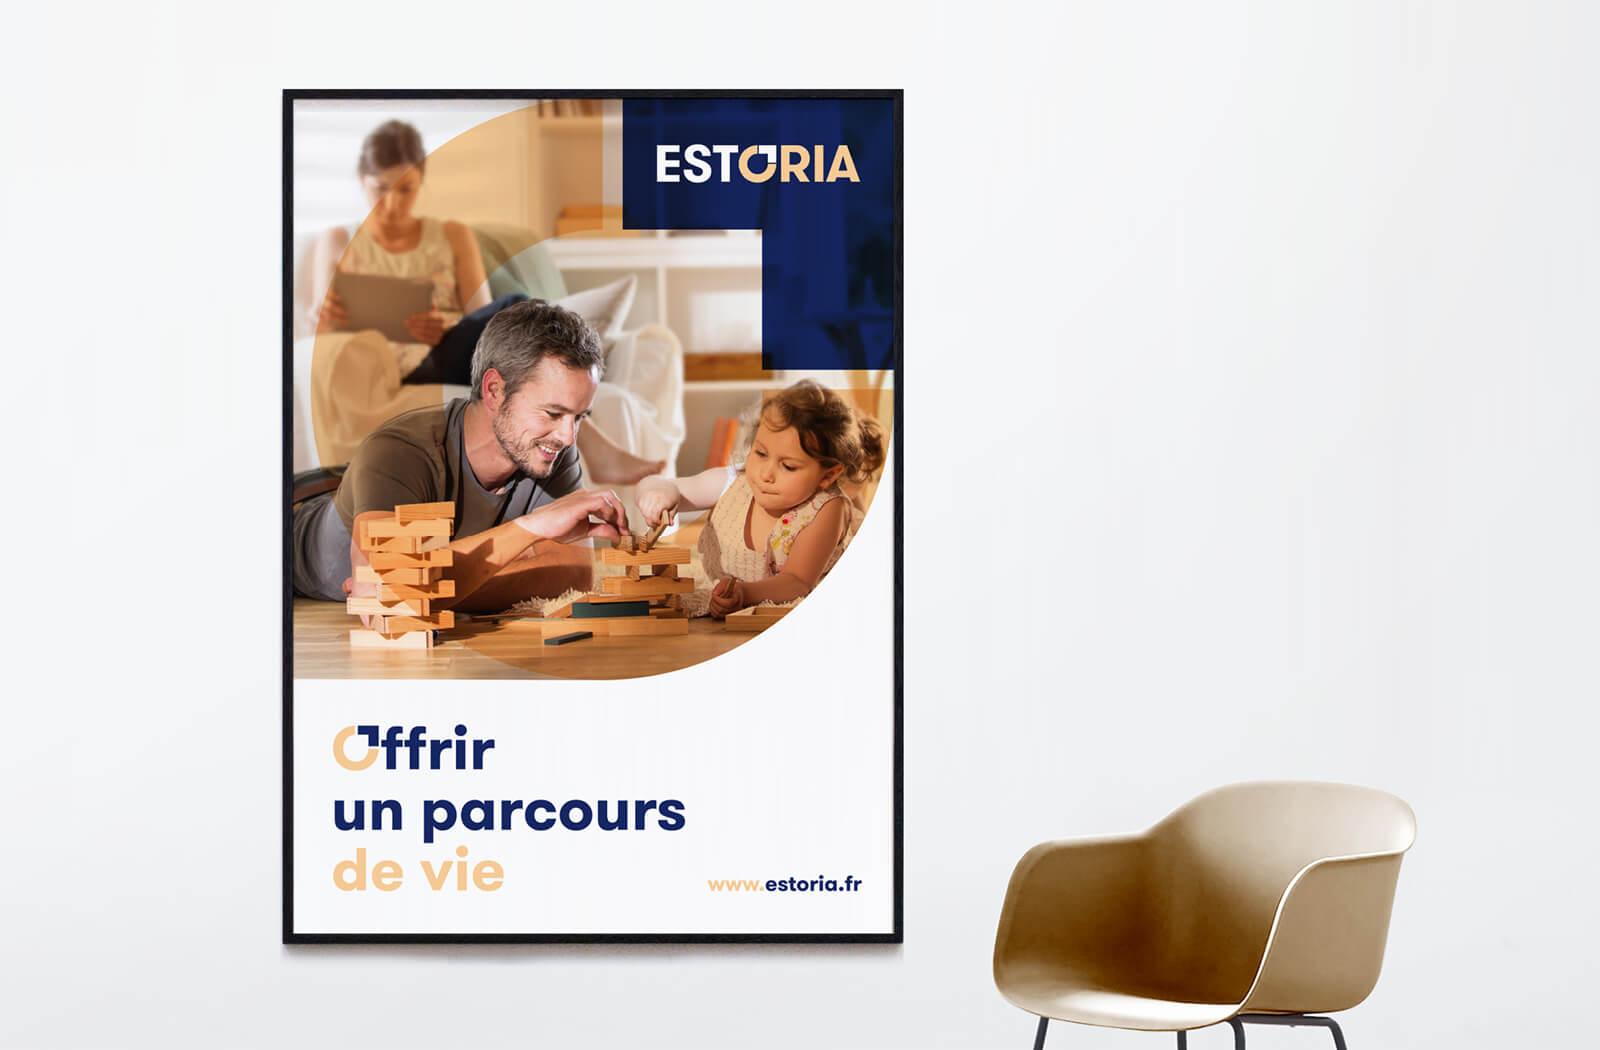 lezardscreation agence communication publicite vosges remiremont estoria lezards creation estoria affiche